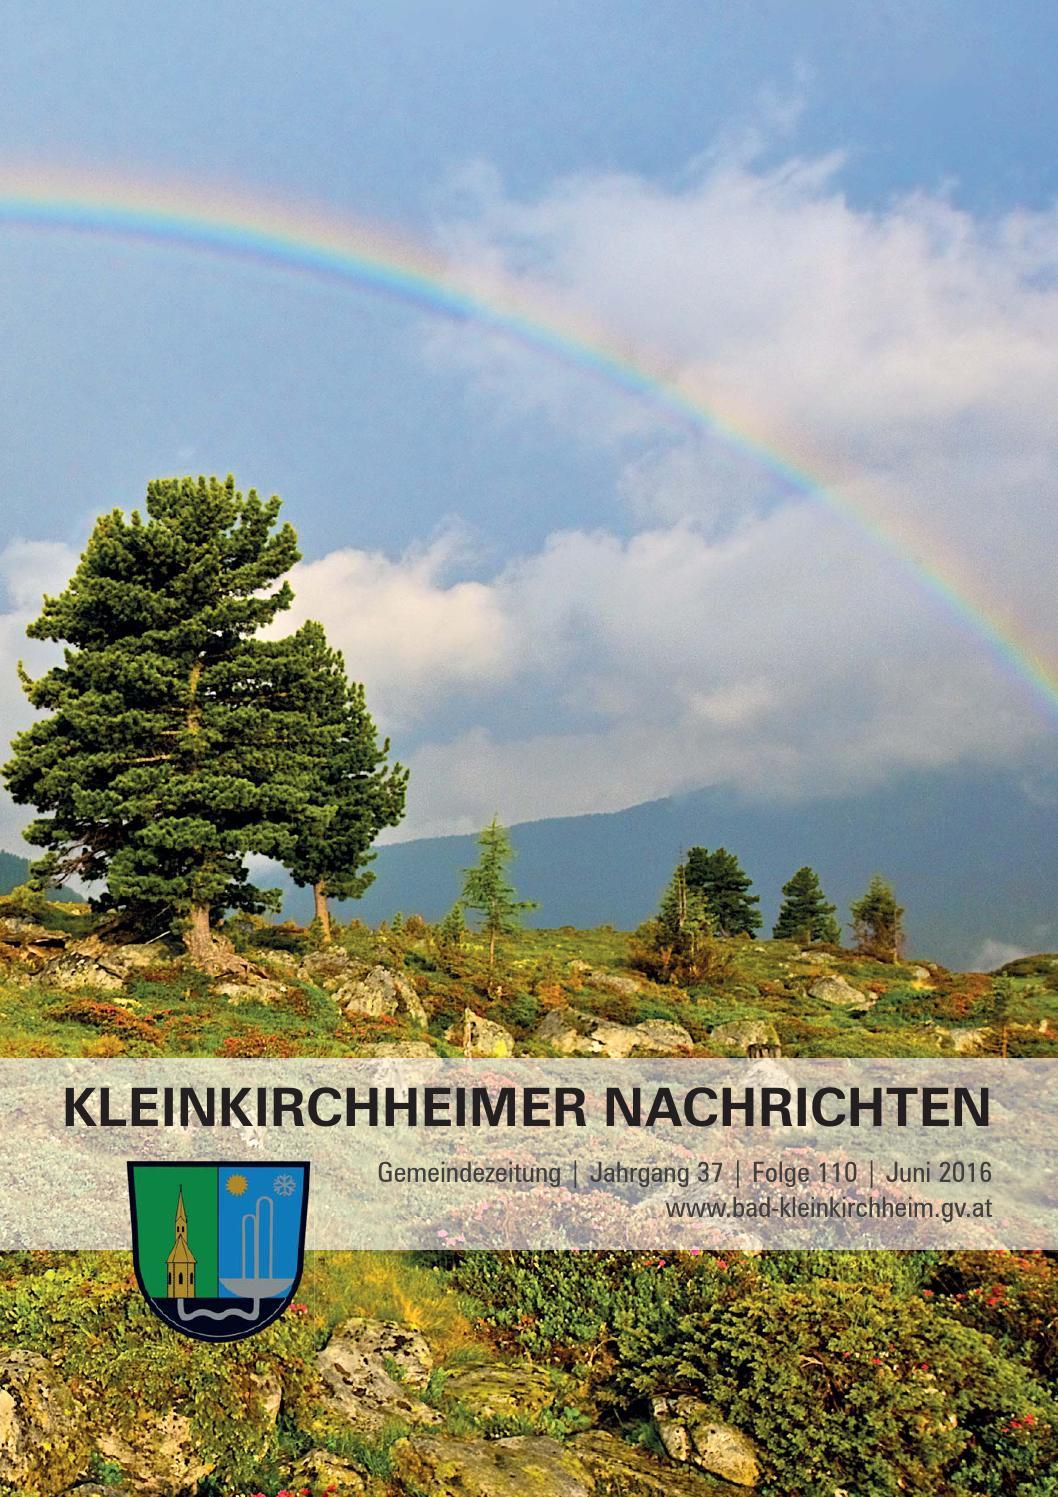 Dating kostenlos in mieming Siegendorf treffen mit frauen